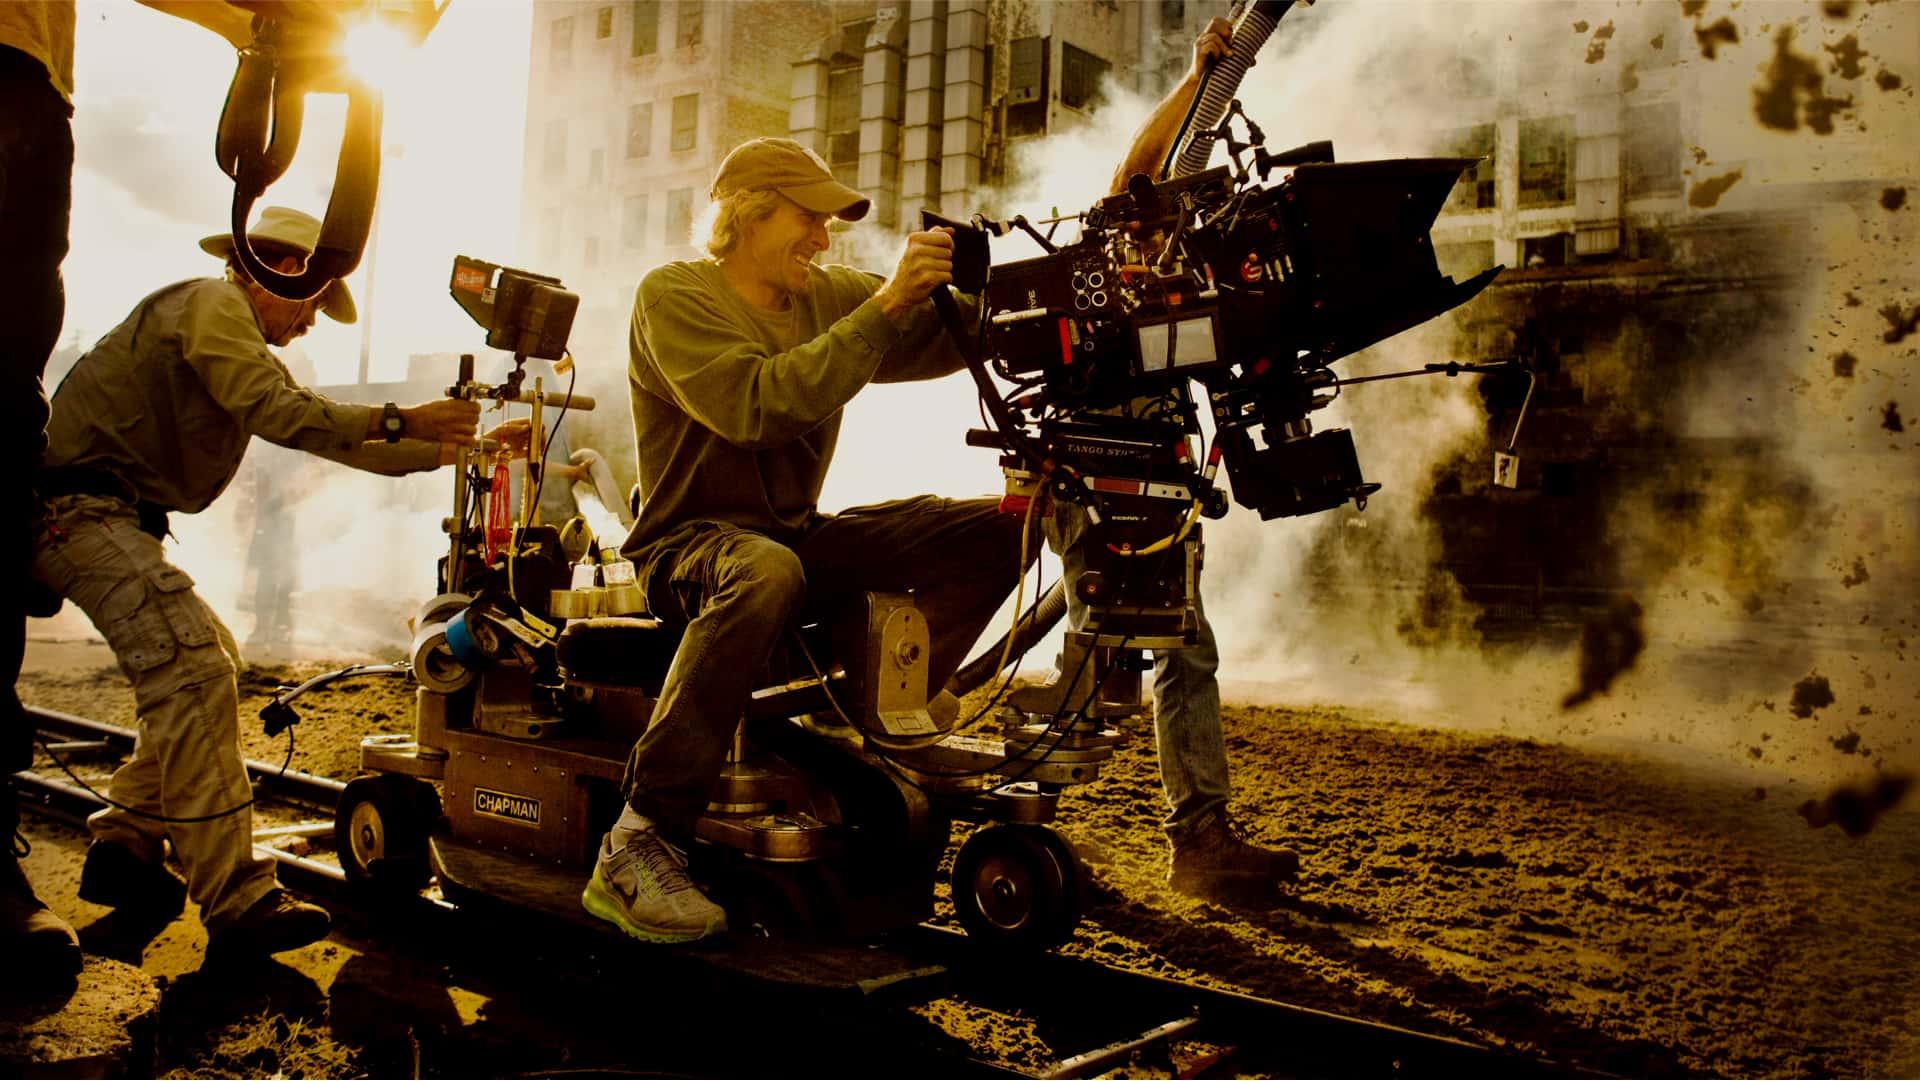 Resultado de imagen para action movies shot